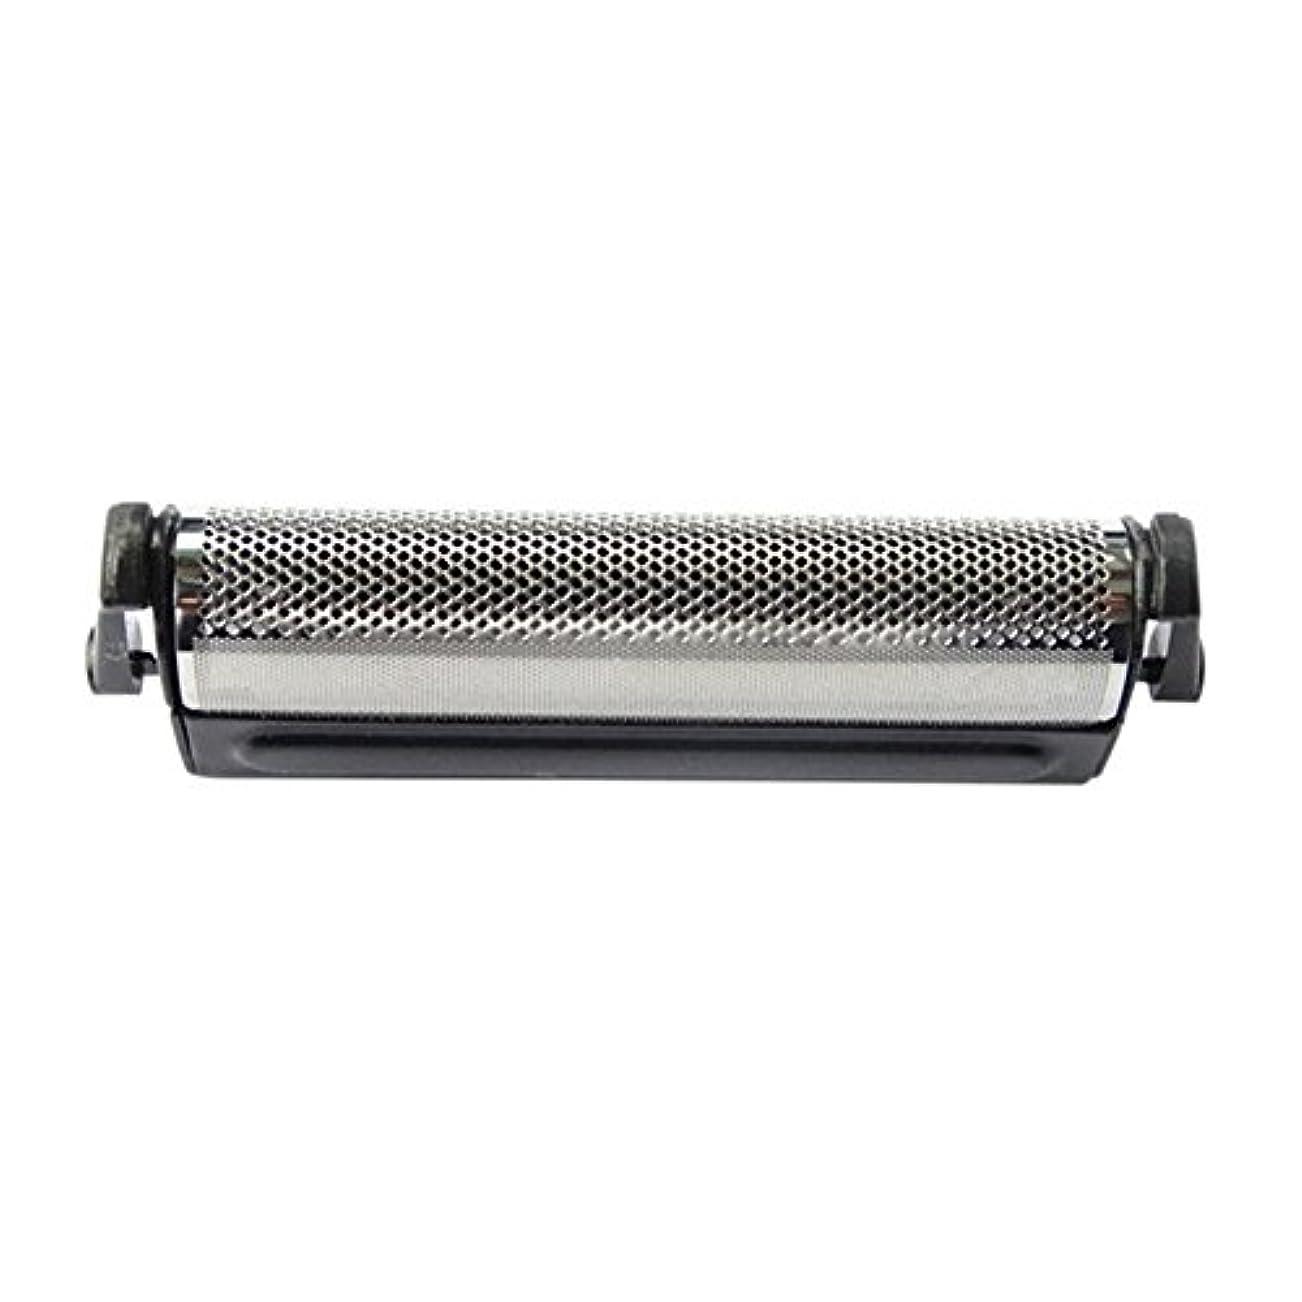 クレデンシャルあごクライマックスHZjundasi シェーバー剃刀 Outer ホイル for Panasonic ES518/RC20/5821/5801 ES9933C